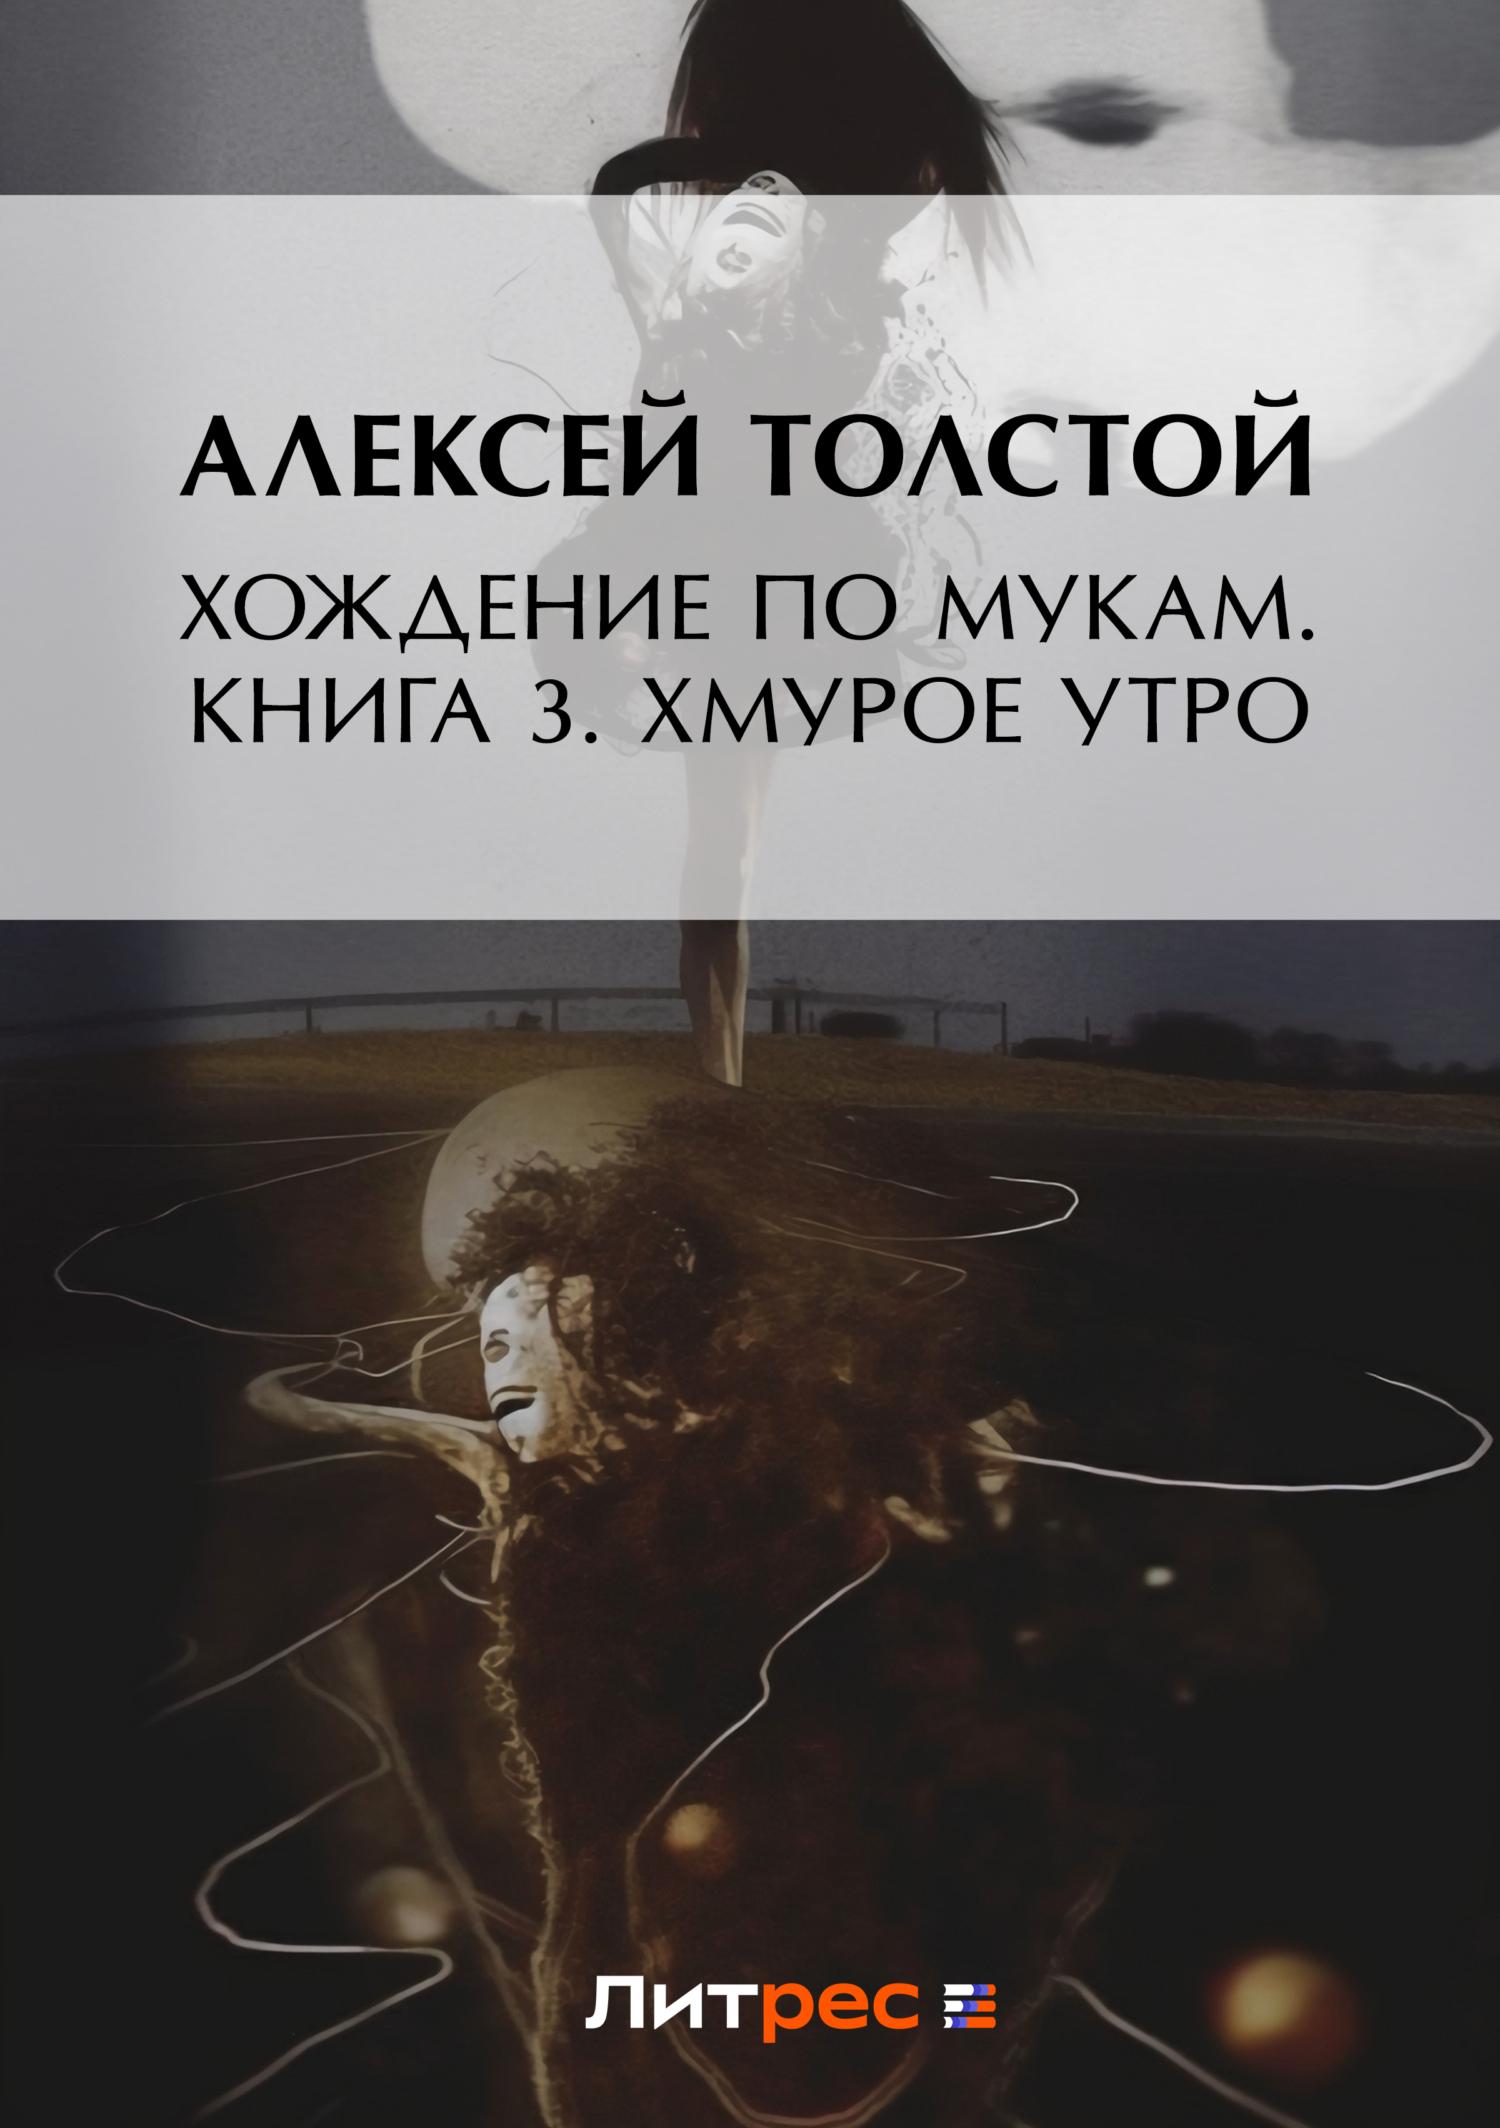 Алексей Толстой Хождение по мукам. Книга 3. Хмурое утро